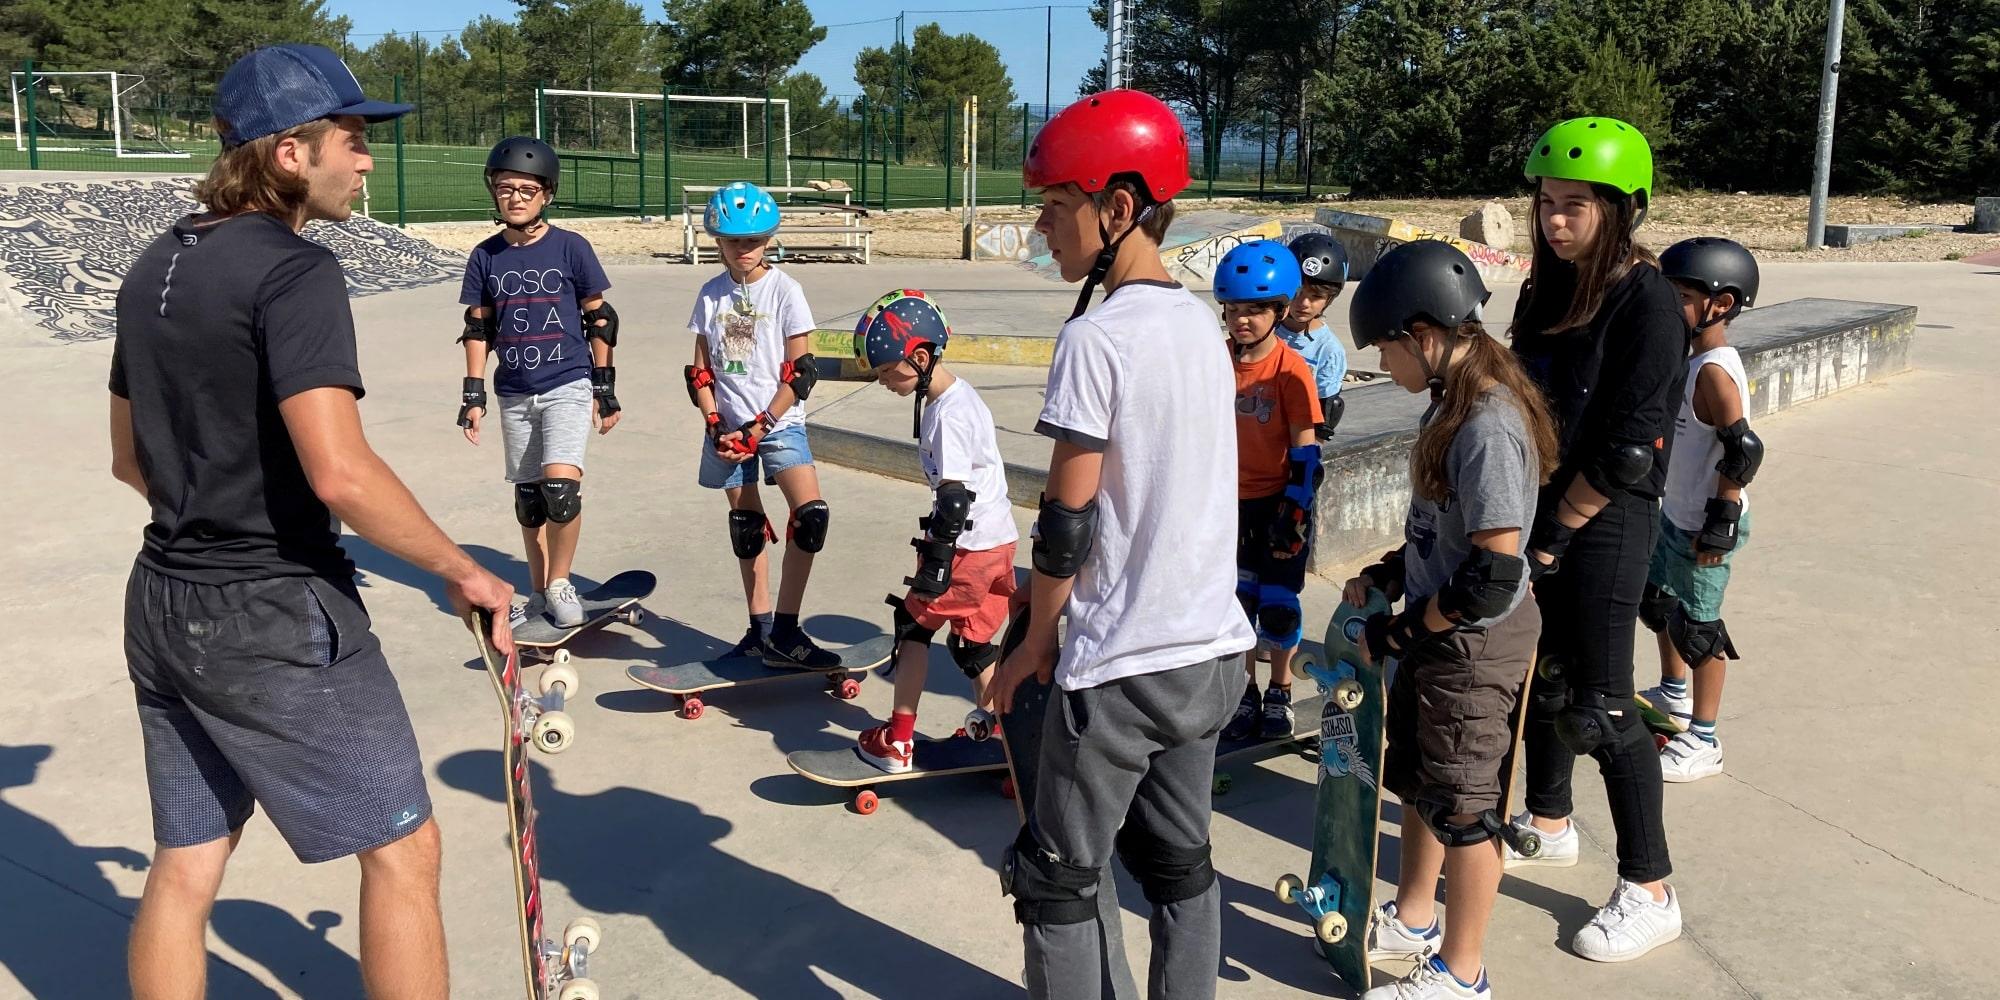 Reprise Skate Park - US venelles